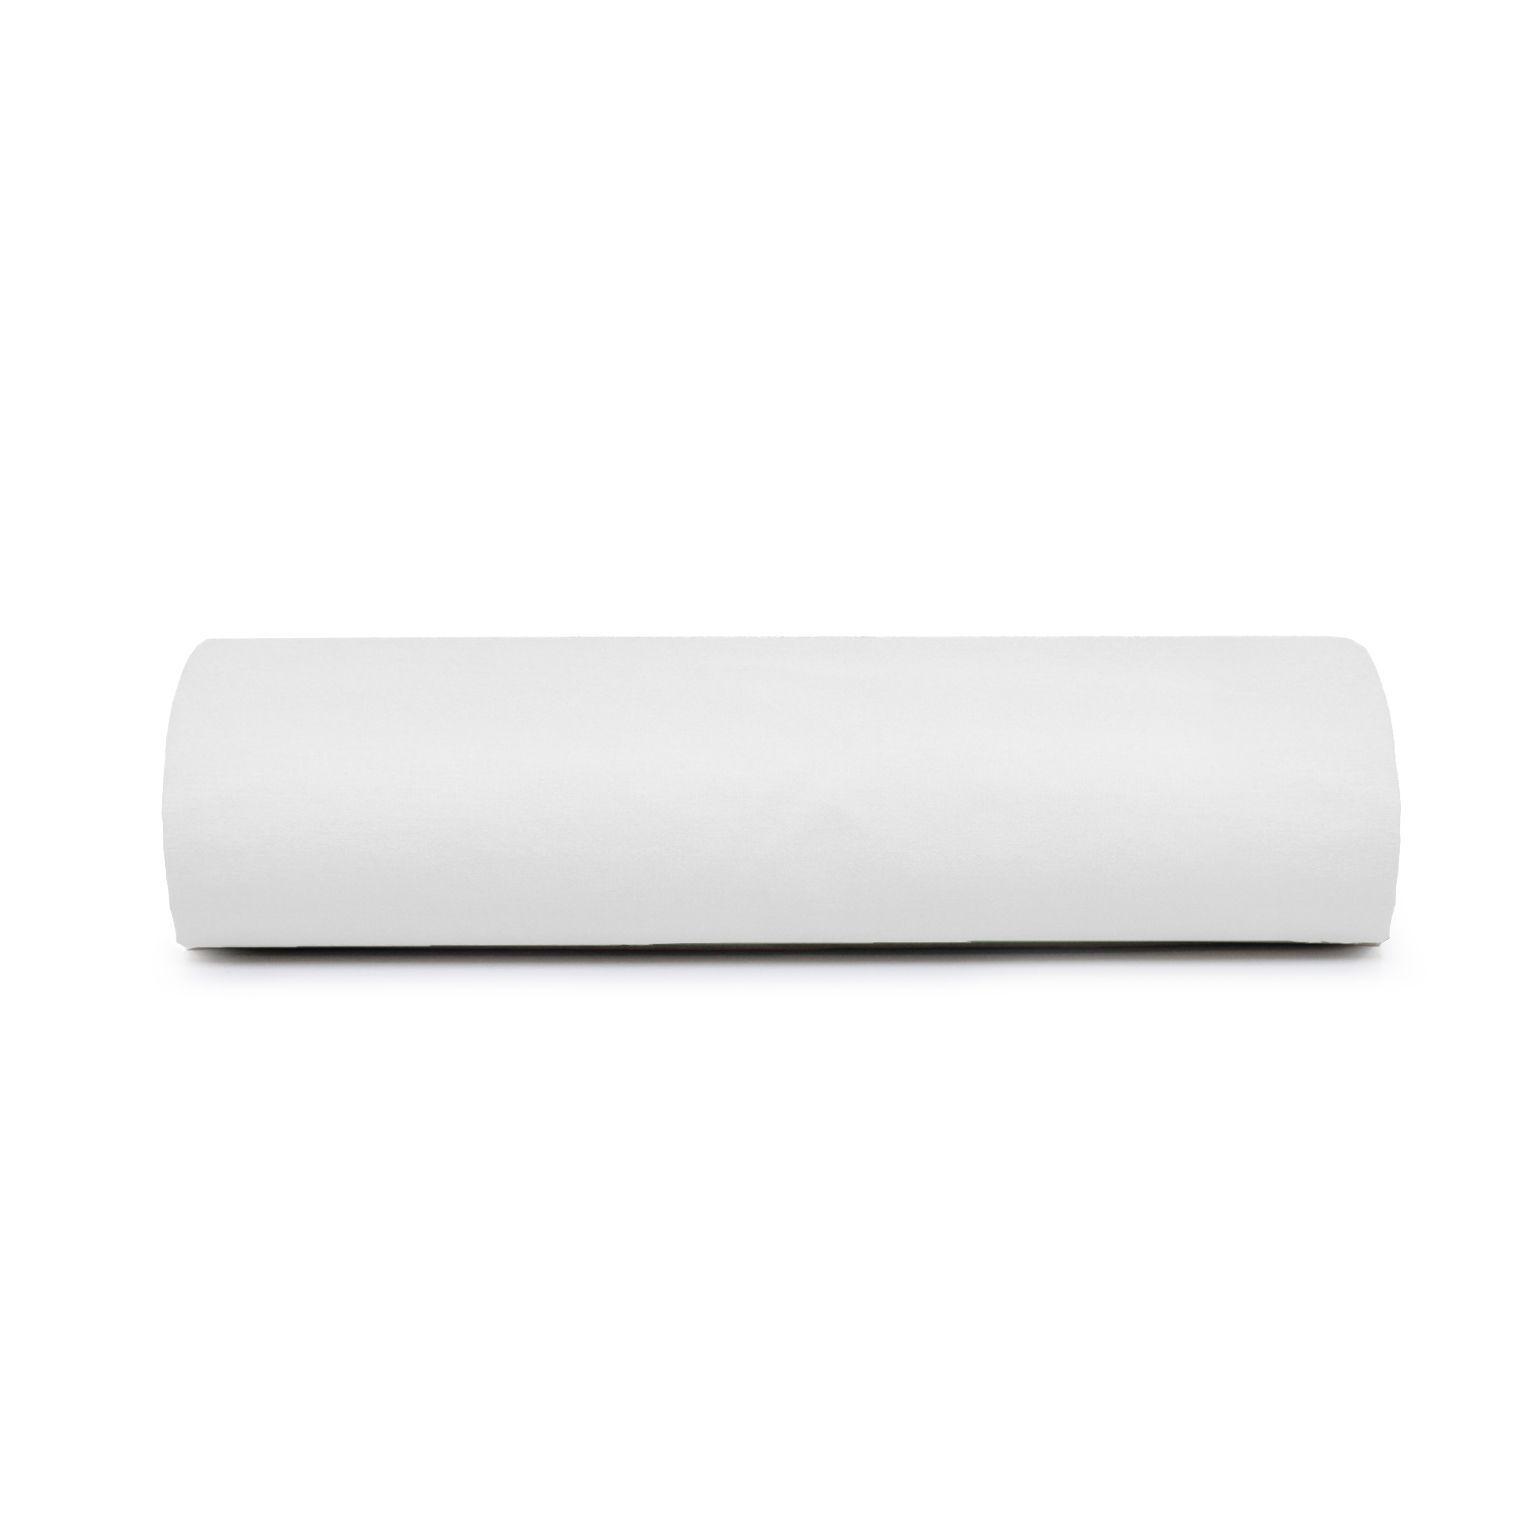 Lençol de Elástico Percal Total Mix Tinto Branco Artex